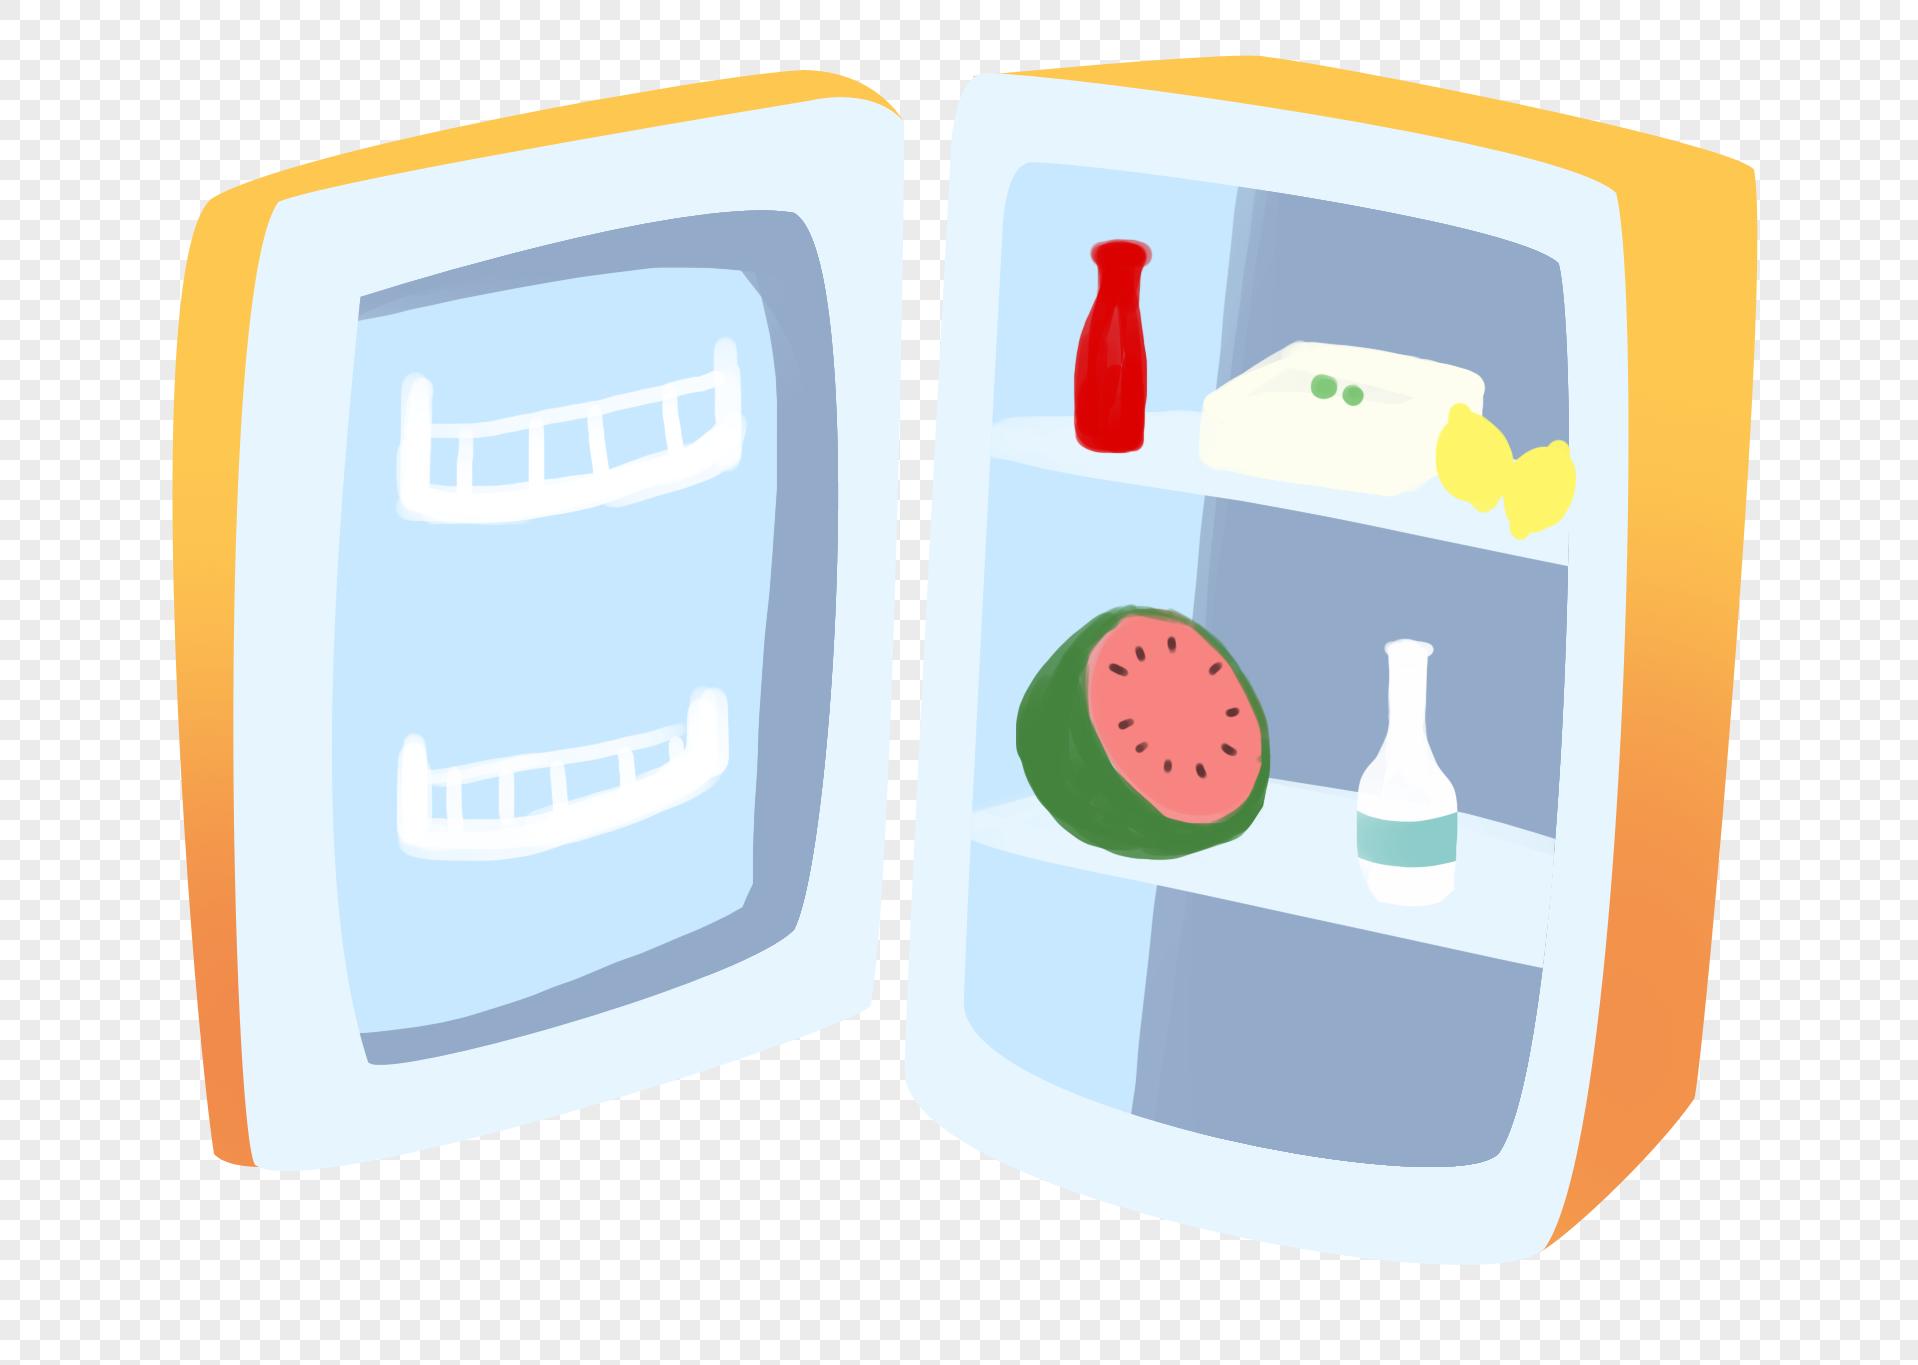 图片 素材 手绘/卡通元素 卡通冰箱.